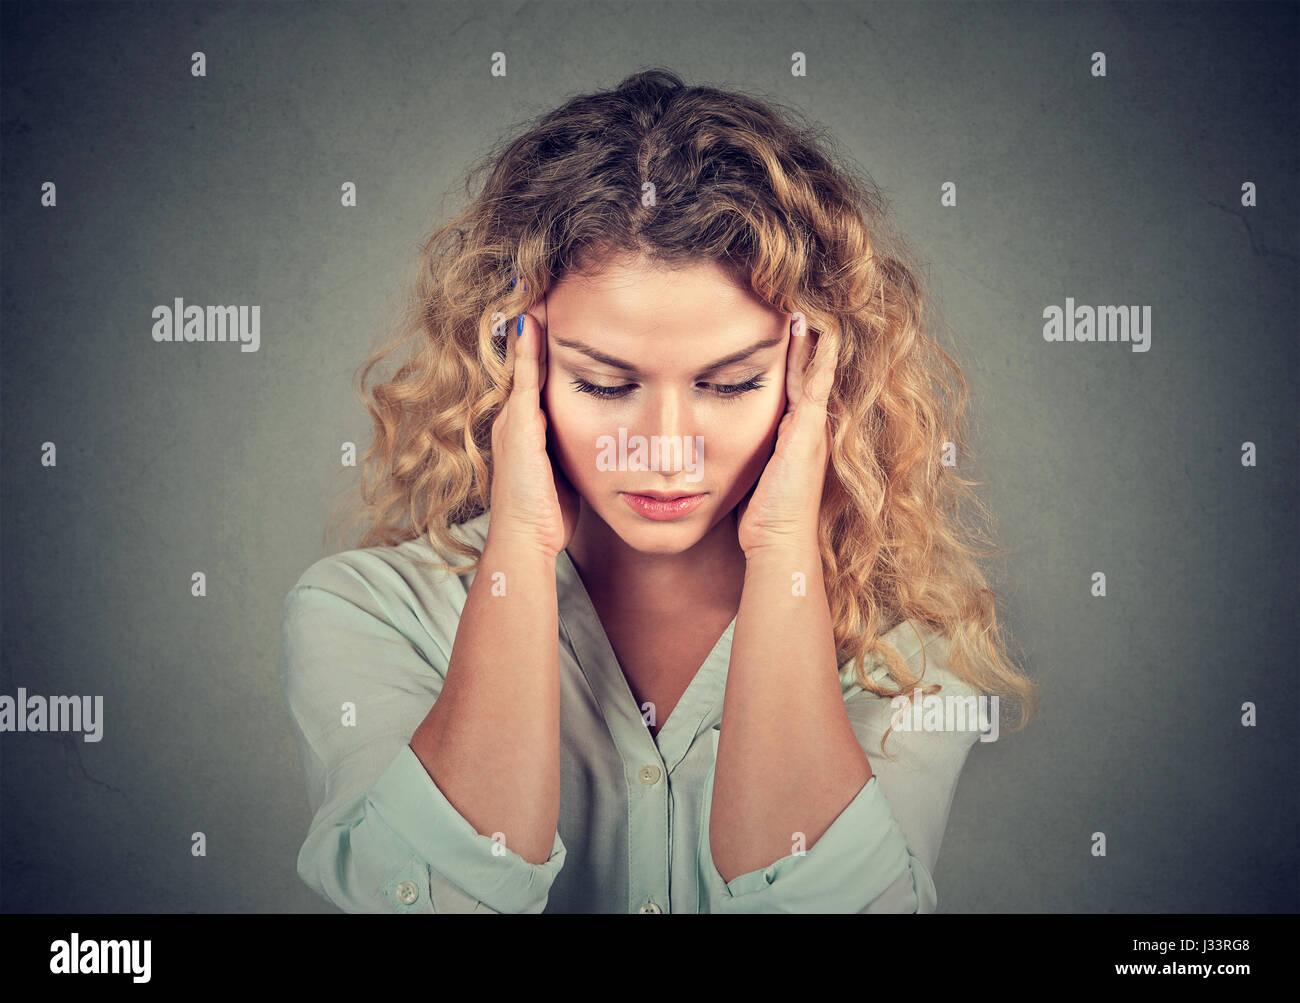 Closeup ritratto triste giovane bella donna con preoccupato ha sottolineato l'espressione faccia guardando verso Immagini Stock